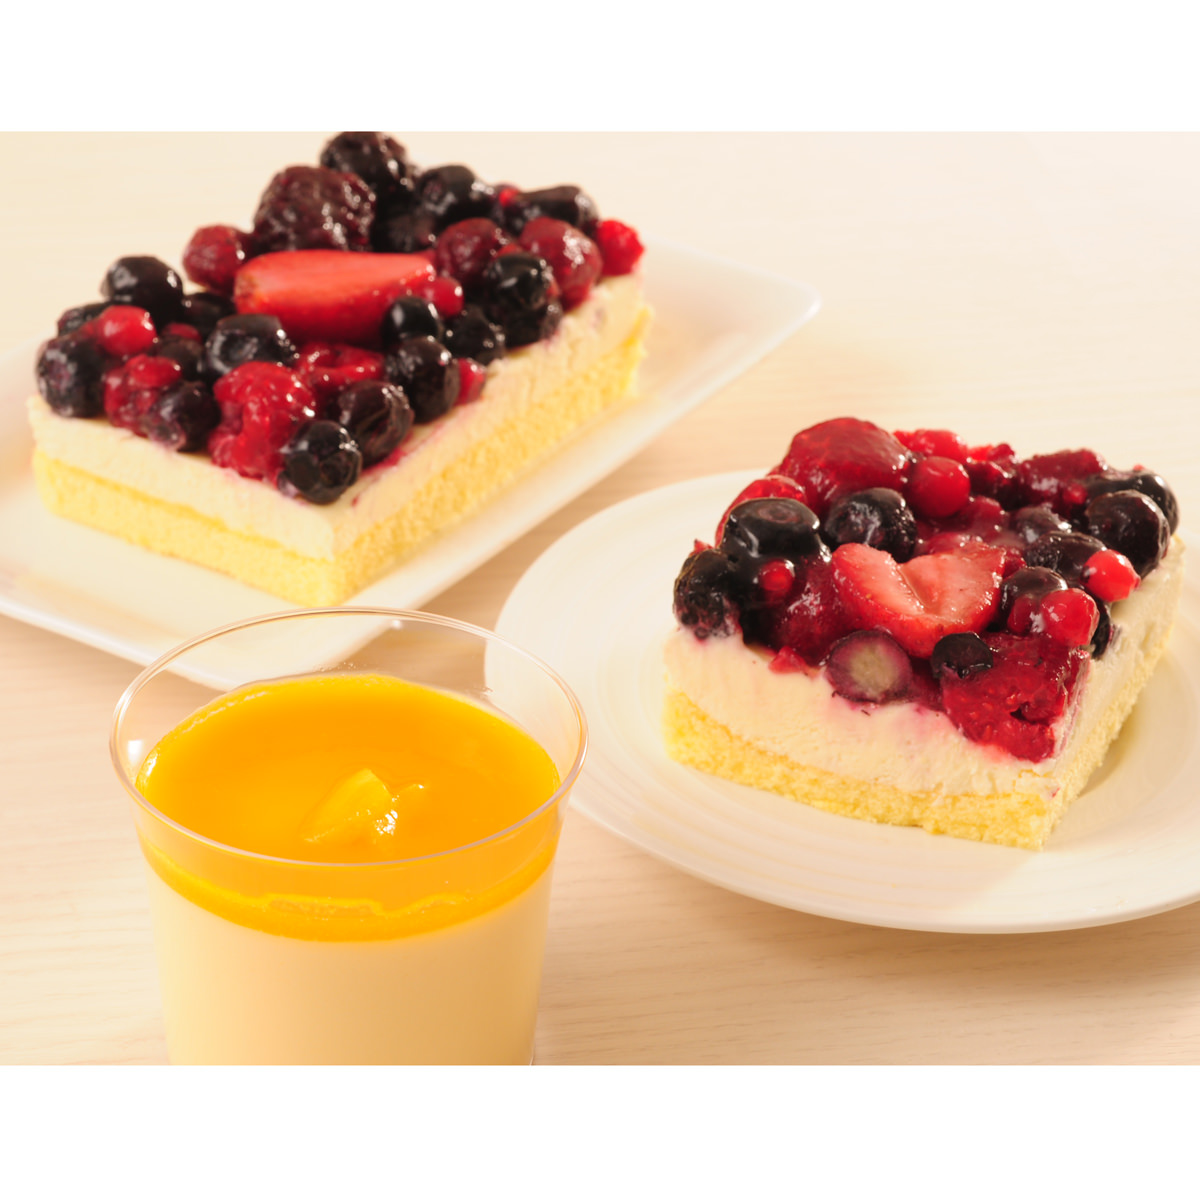 5種のベリー贅沢レアチーズケーキ・マンゴープリン 〔レアチーズケーキ×1、マンゴープリン100g×5〕 北海道 洋菓子